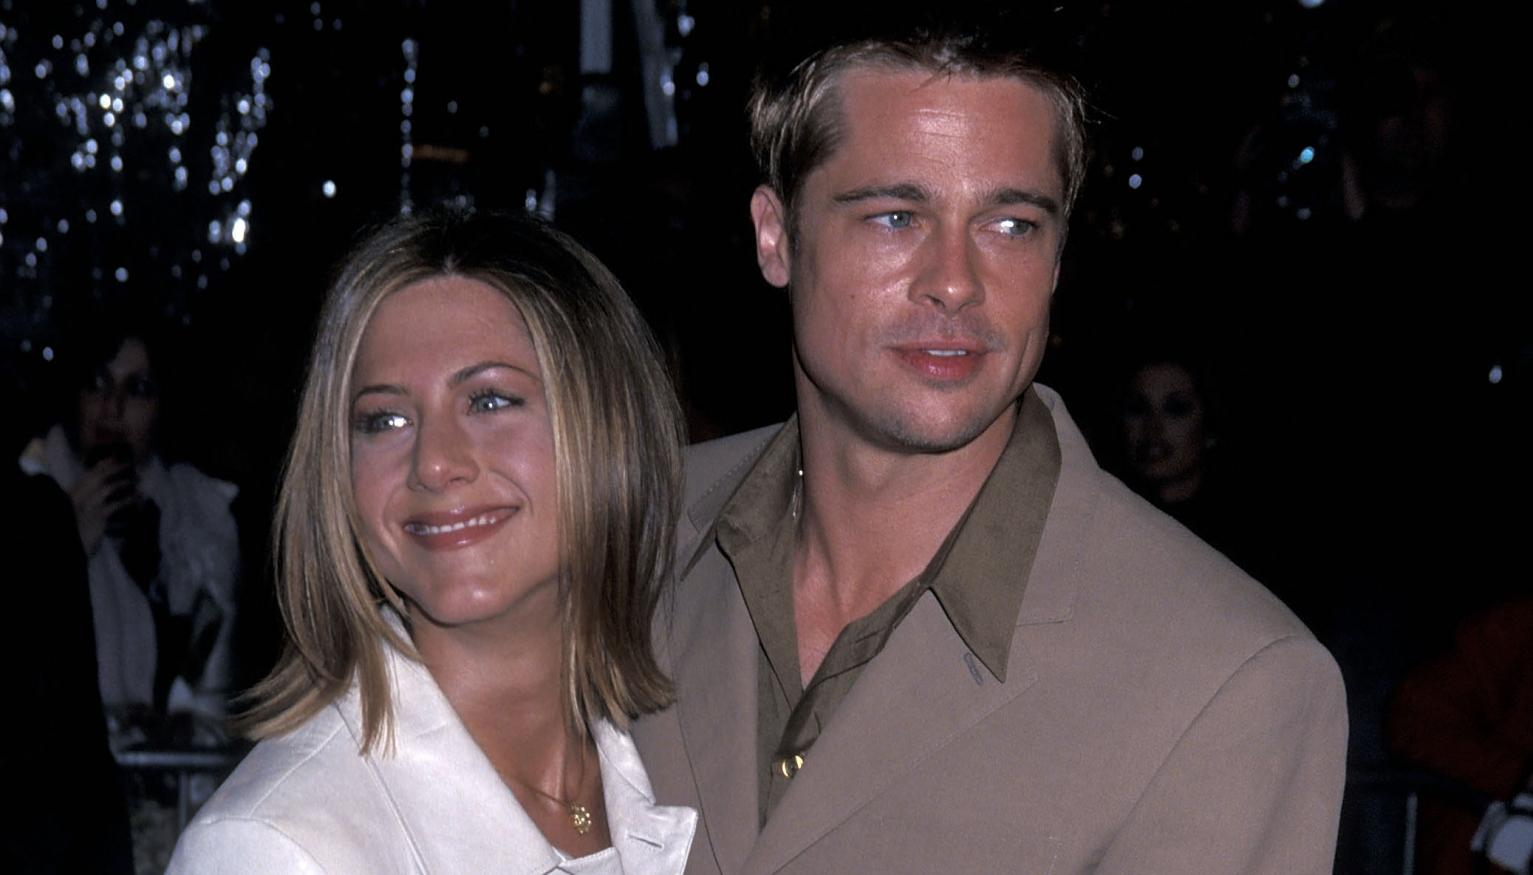 7 Best Celebrity Broken Heart Quotes - LovesAGame.com